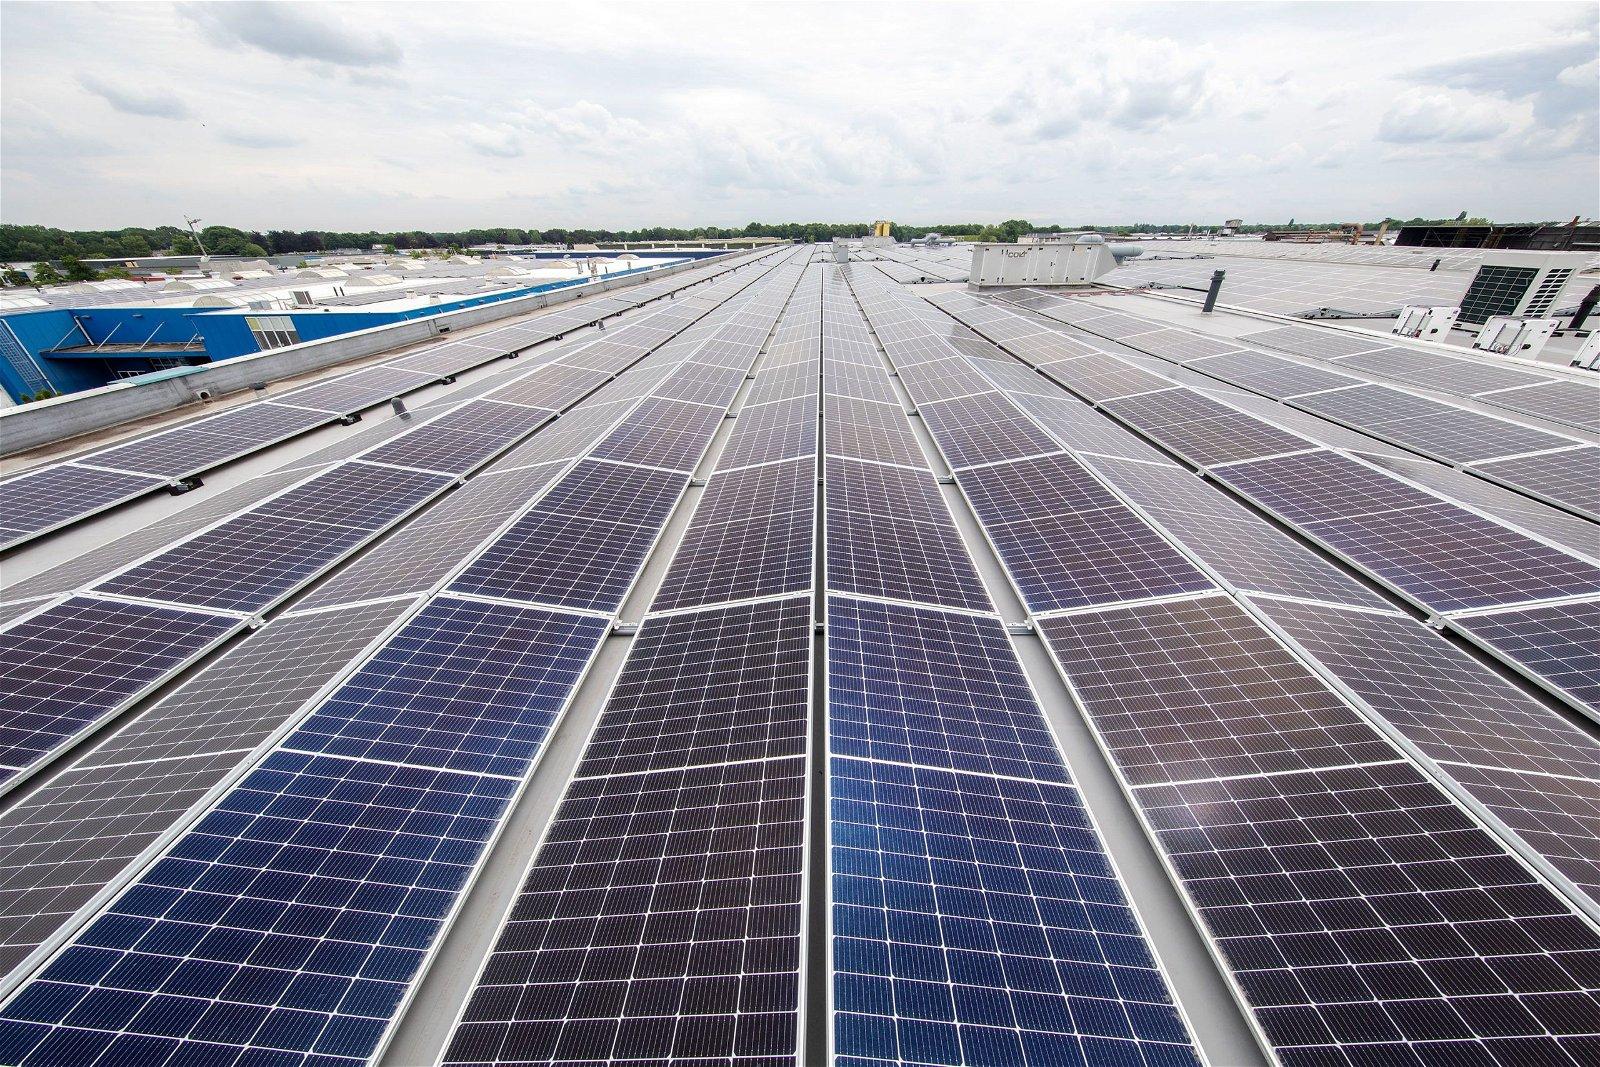 Van Beek schroeftransport krijgt zonnepanelen